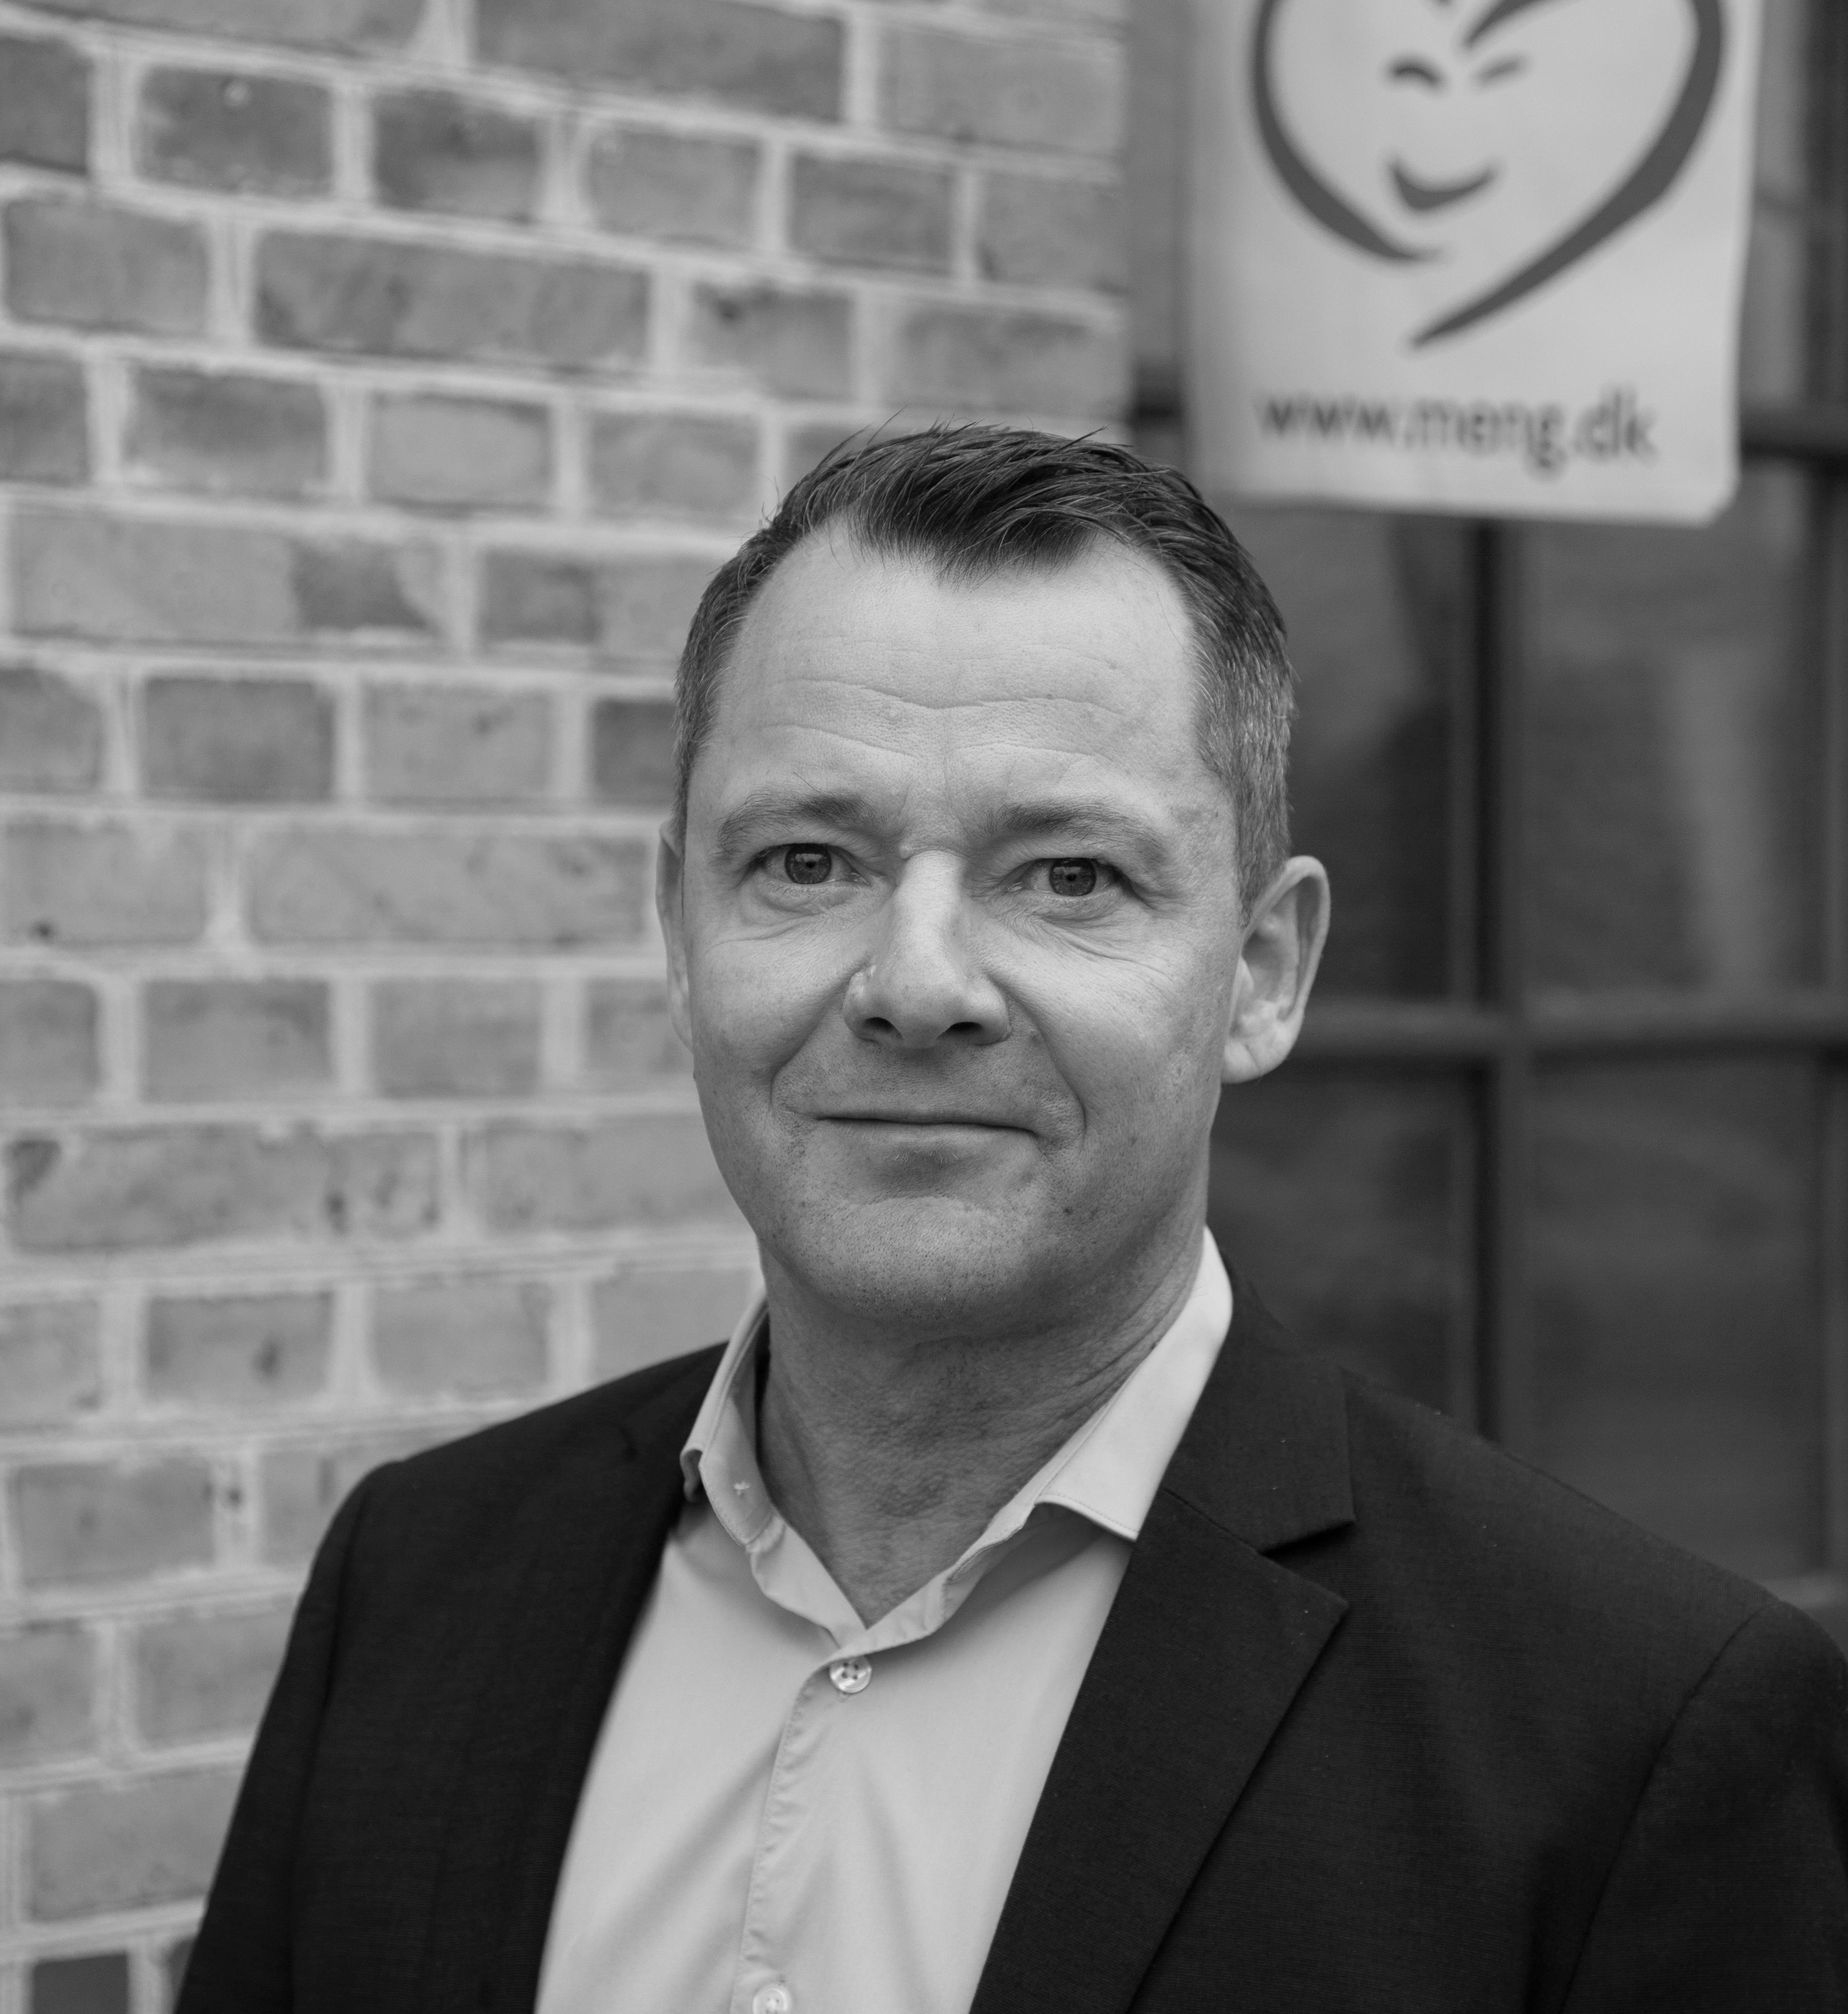 Jan Lockhart skifter fra at være rejsebureaudirektør til seniorrådgiver i konsulentfirma. Foto: Meng & Company.